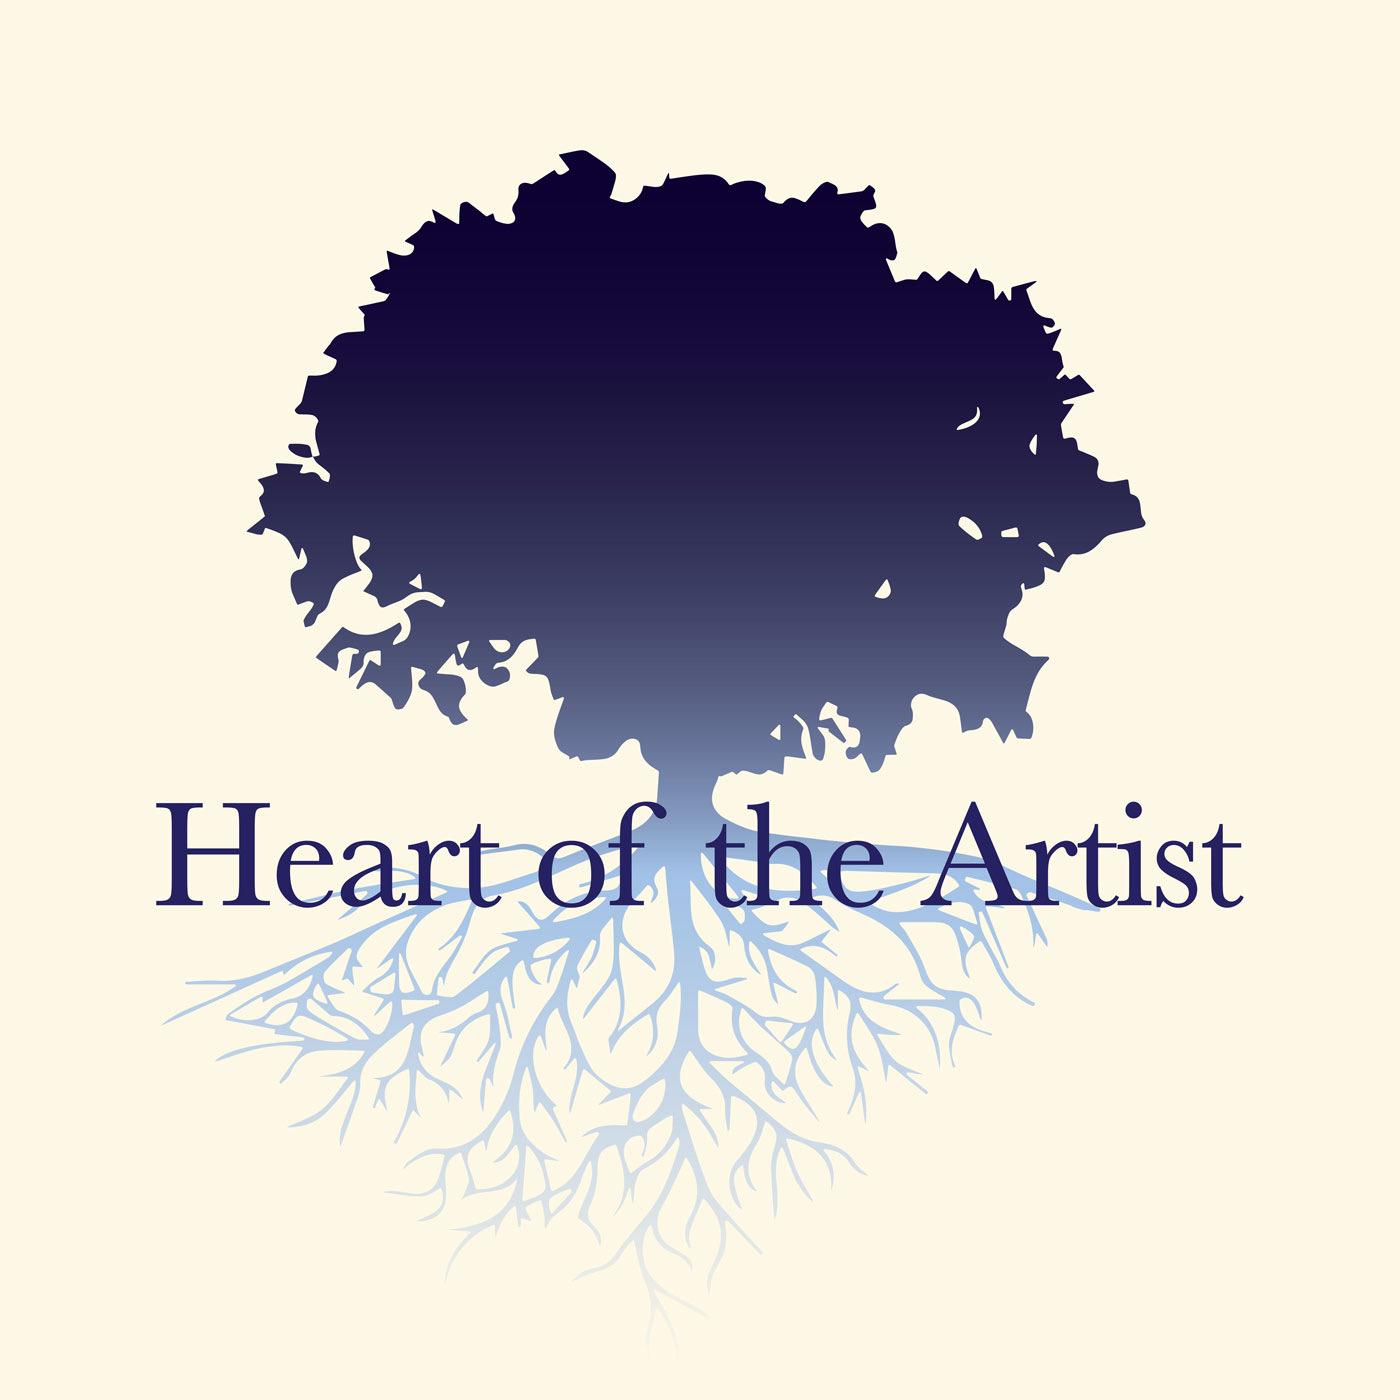 Heart of the Artist, Episode 0 show art